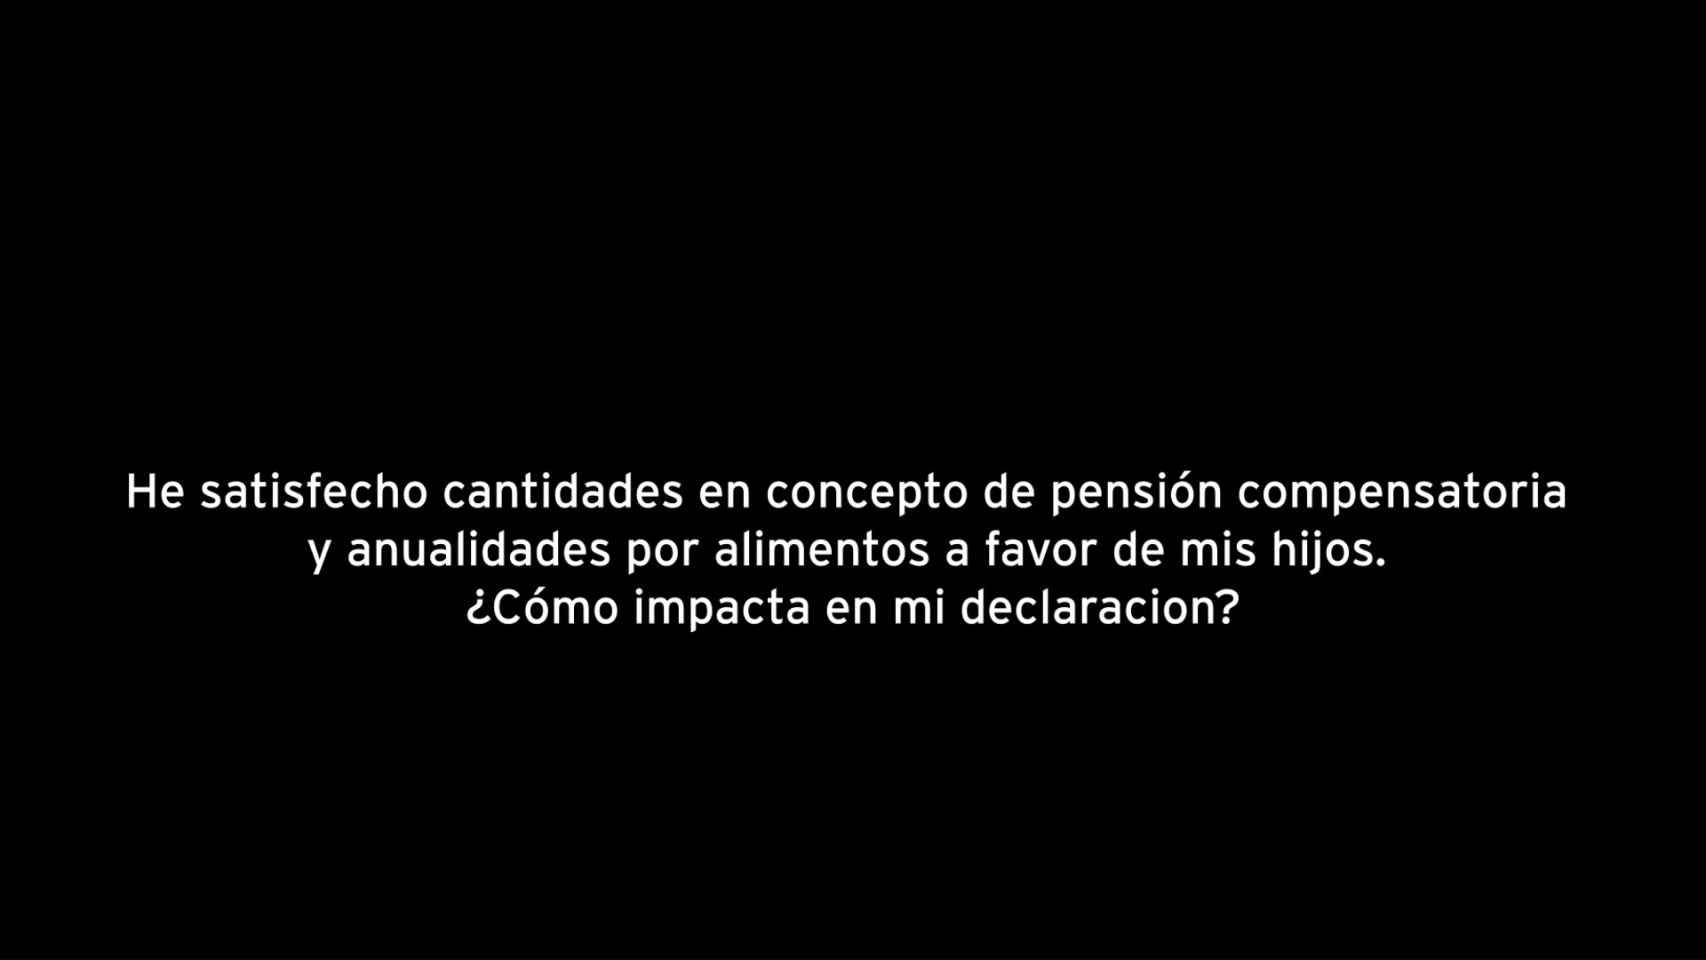 ¿Cómo impacta en mi declaración la pensión compensatoria?